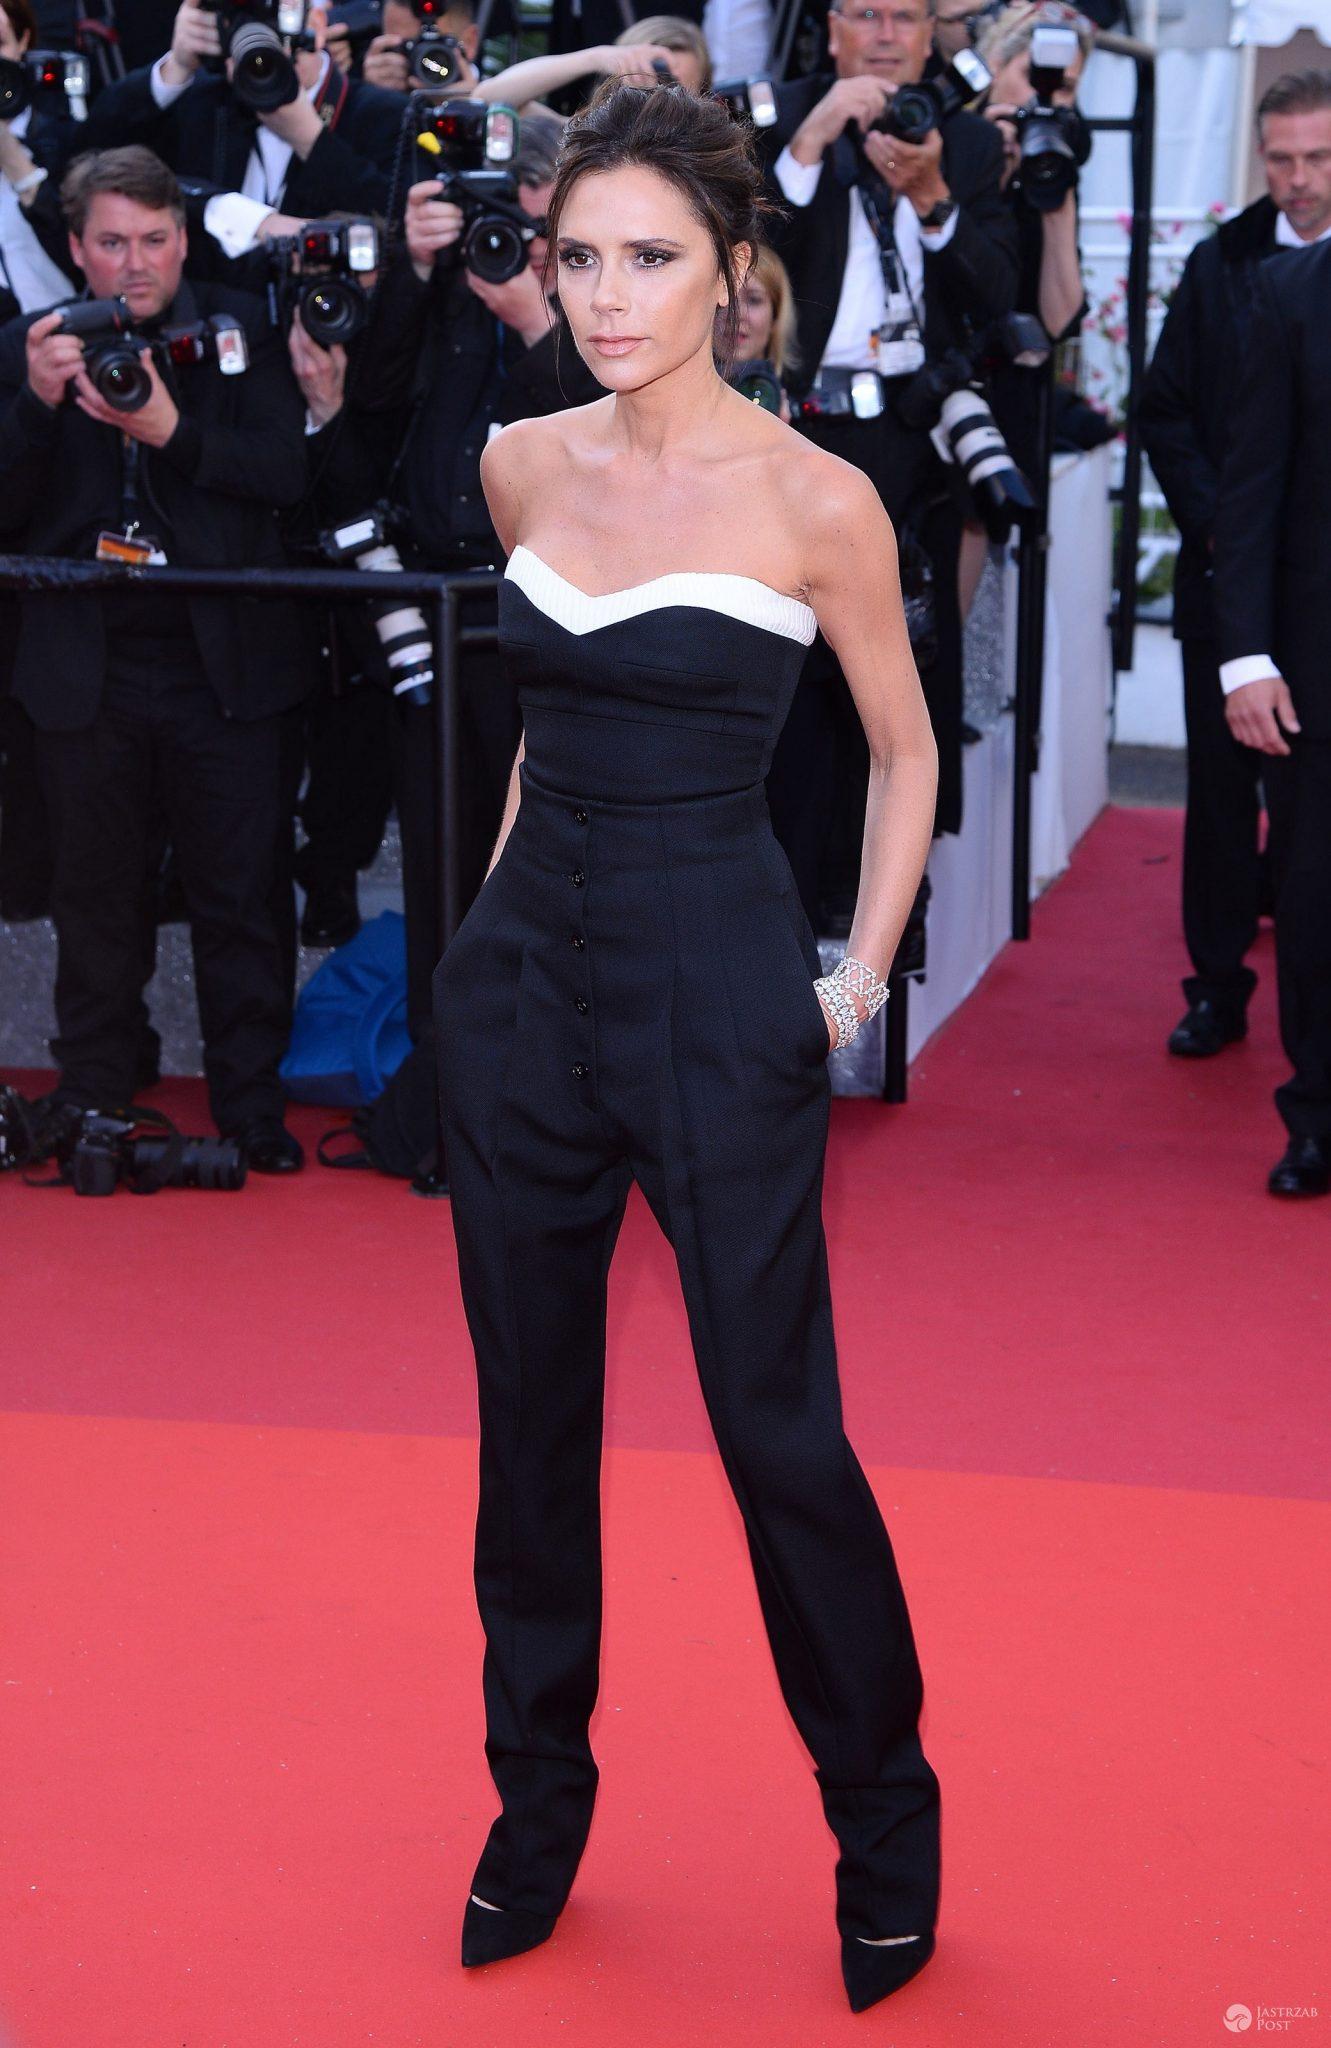 Victoria Beckham w dopasowanych ciuchach - czy nie schudła?